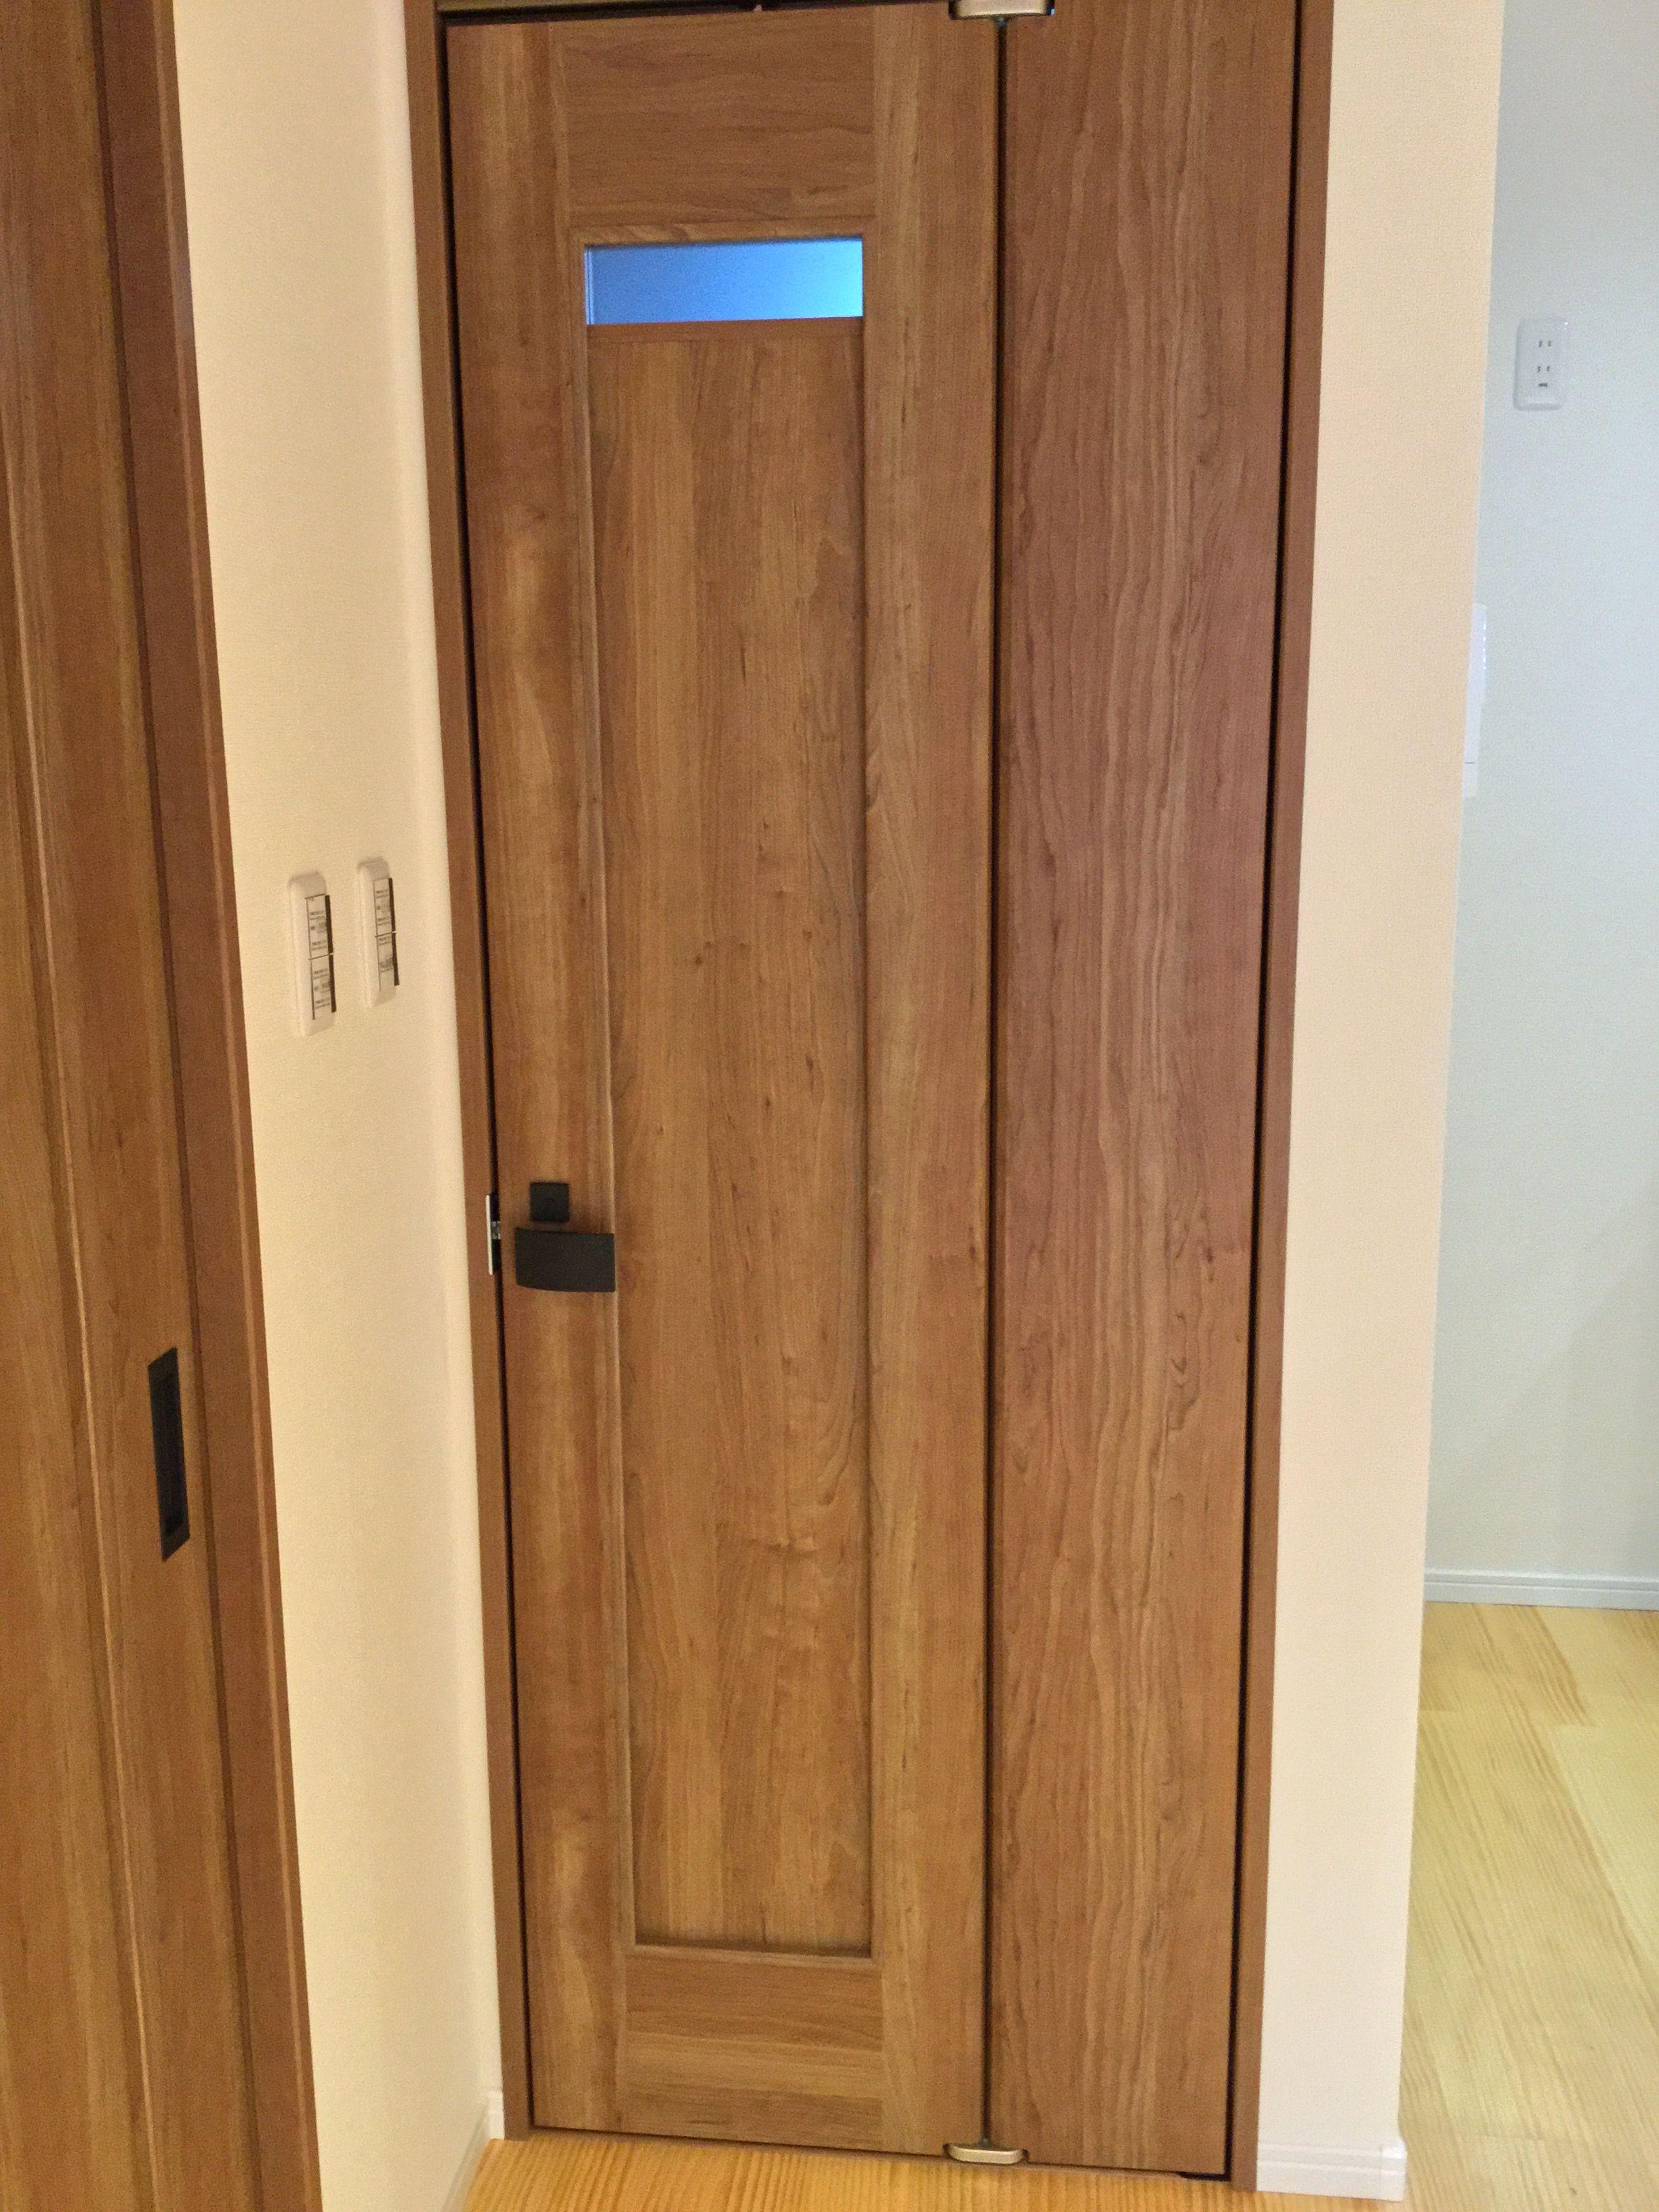 狭いスペースに最適な折れ戸 開き戸の1 3の開閉スペースで取り付ける